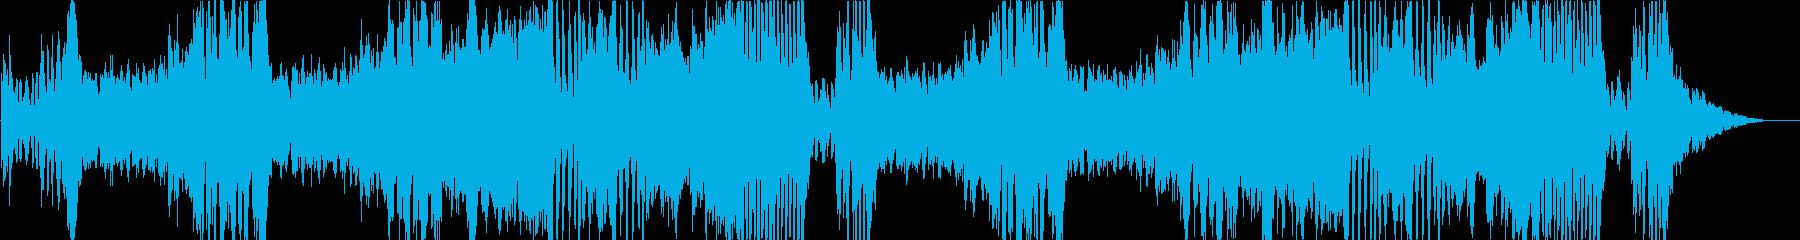 オーケストラ戦闘曲の再生済みの波形